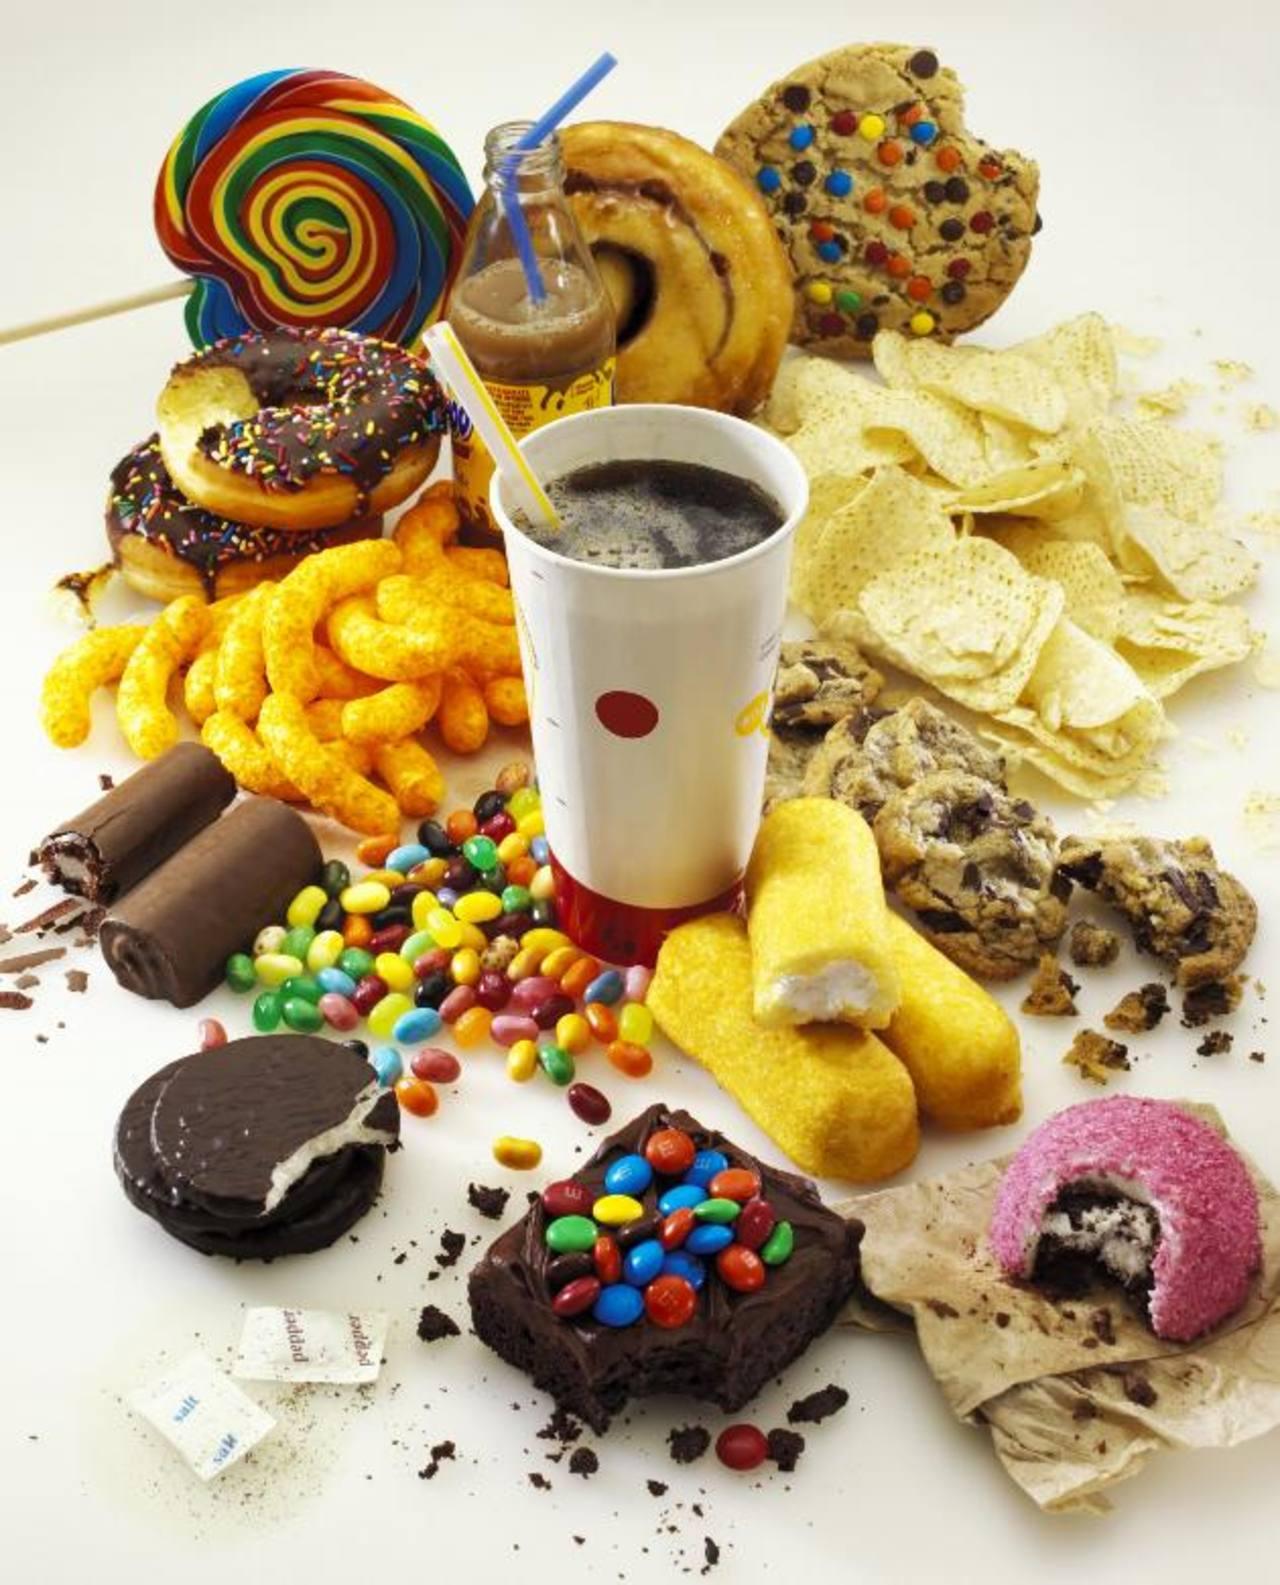 Las pocas horas de sueño inducen a elegir alimentos poco saludables. Foto EDH